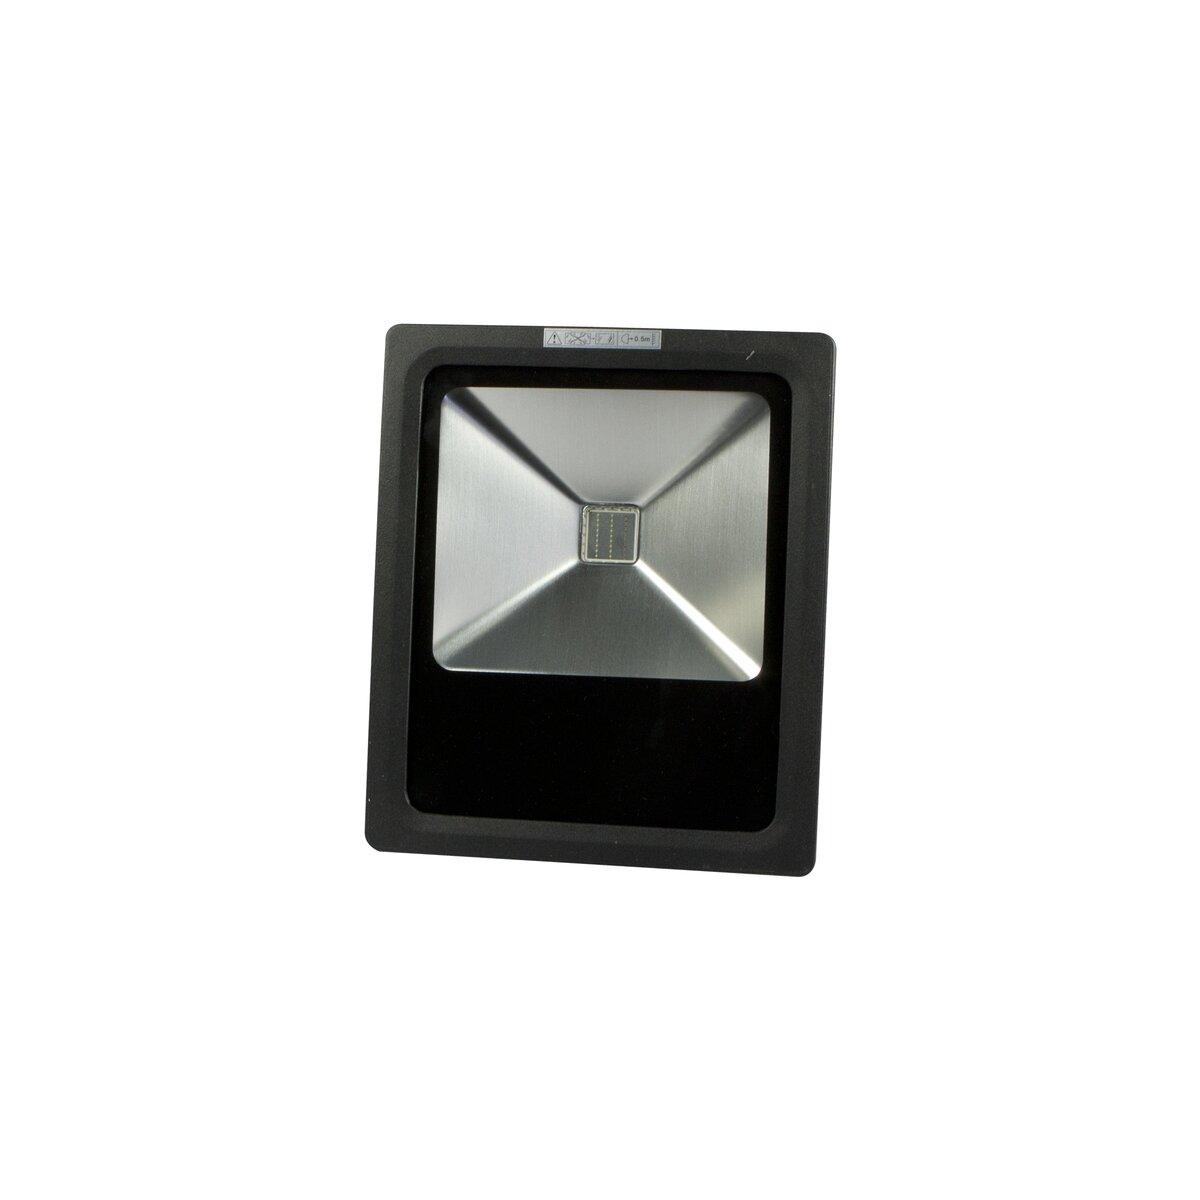 led spot outdoor baustrahler schwarz 20w rgb mit fernbedienung 44 99. Black Bedroom Furniture Sets. Home Design Ideas